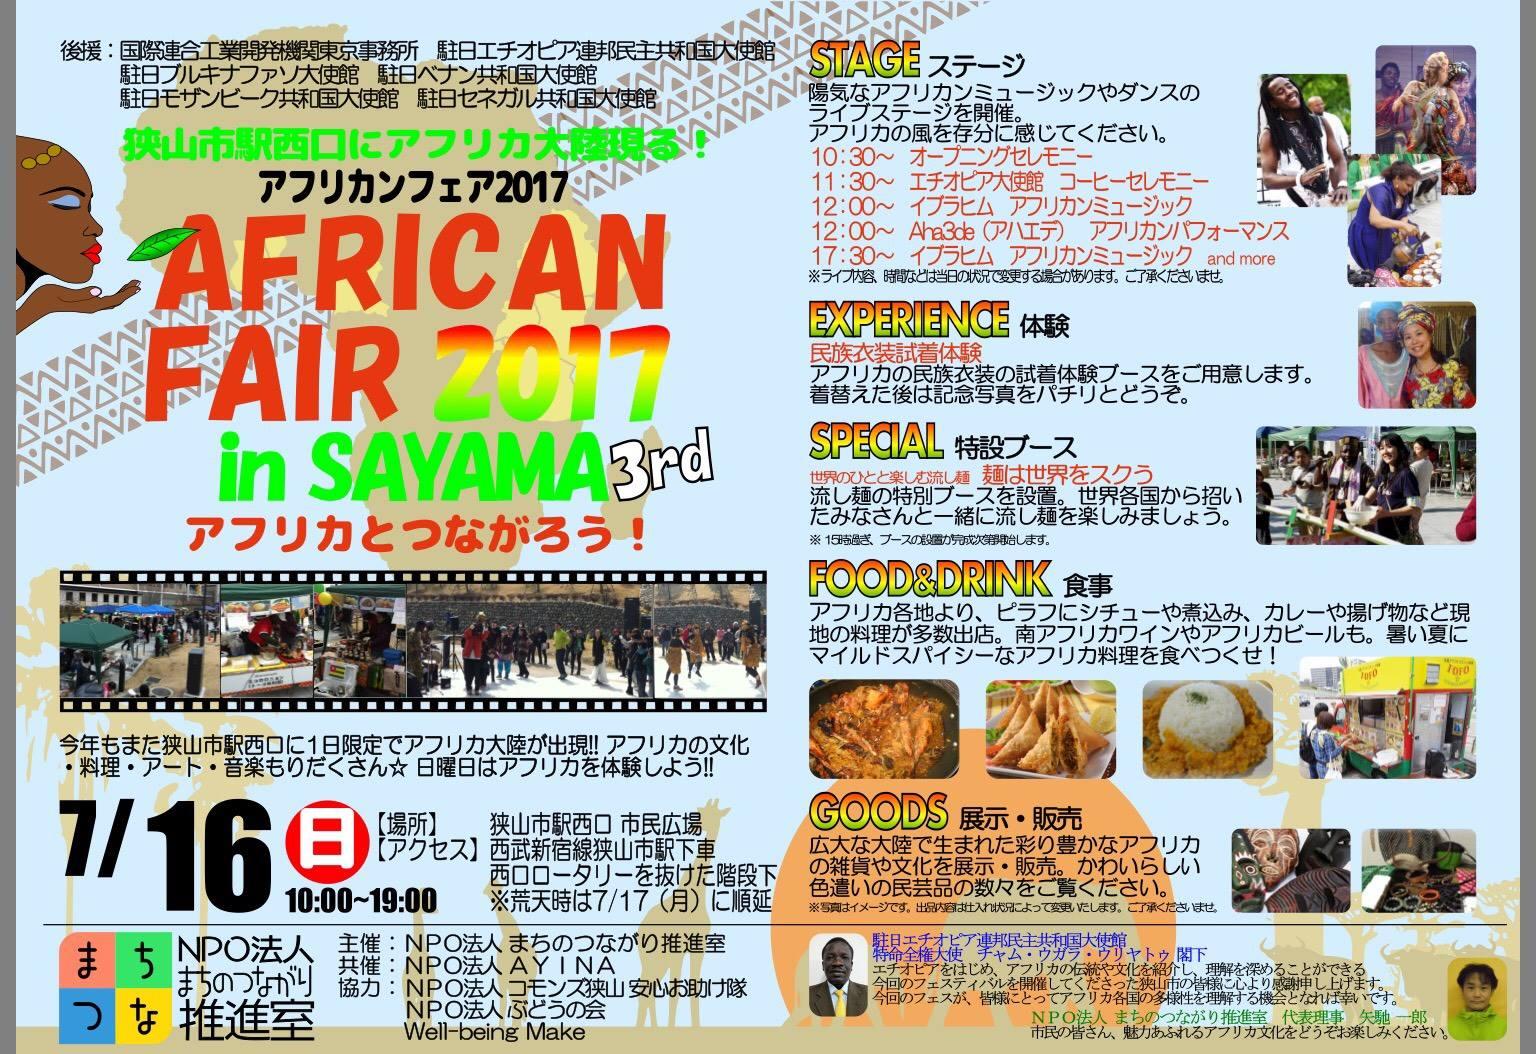 アフリカンフェア in Sayama